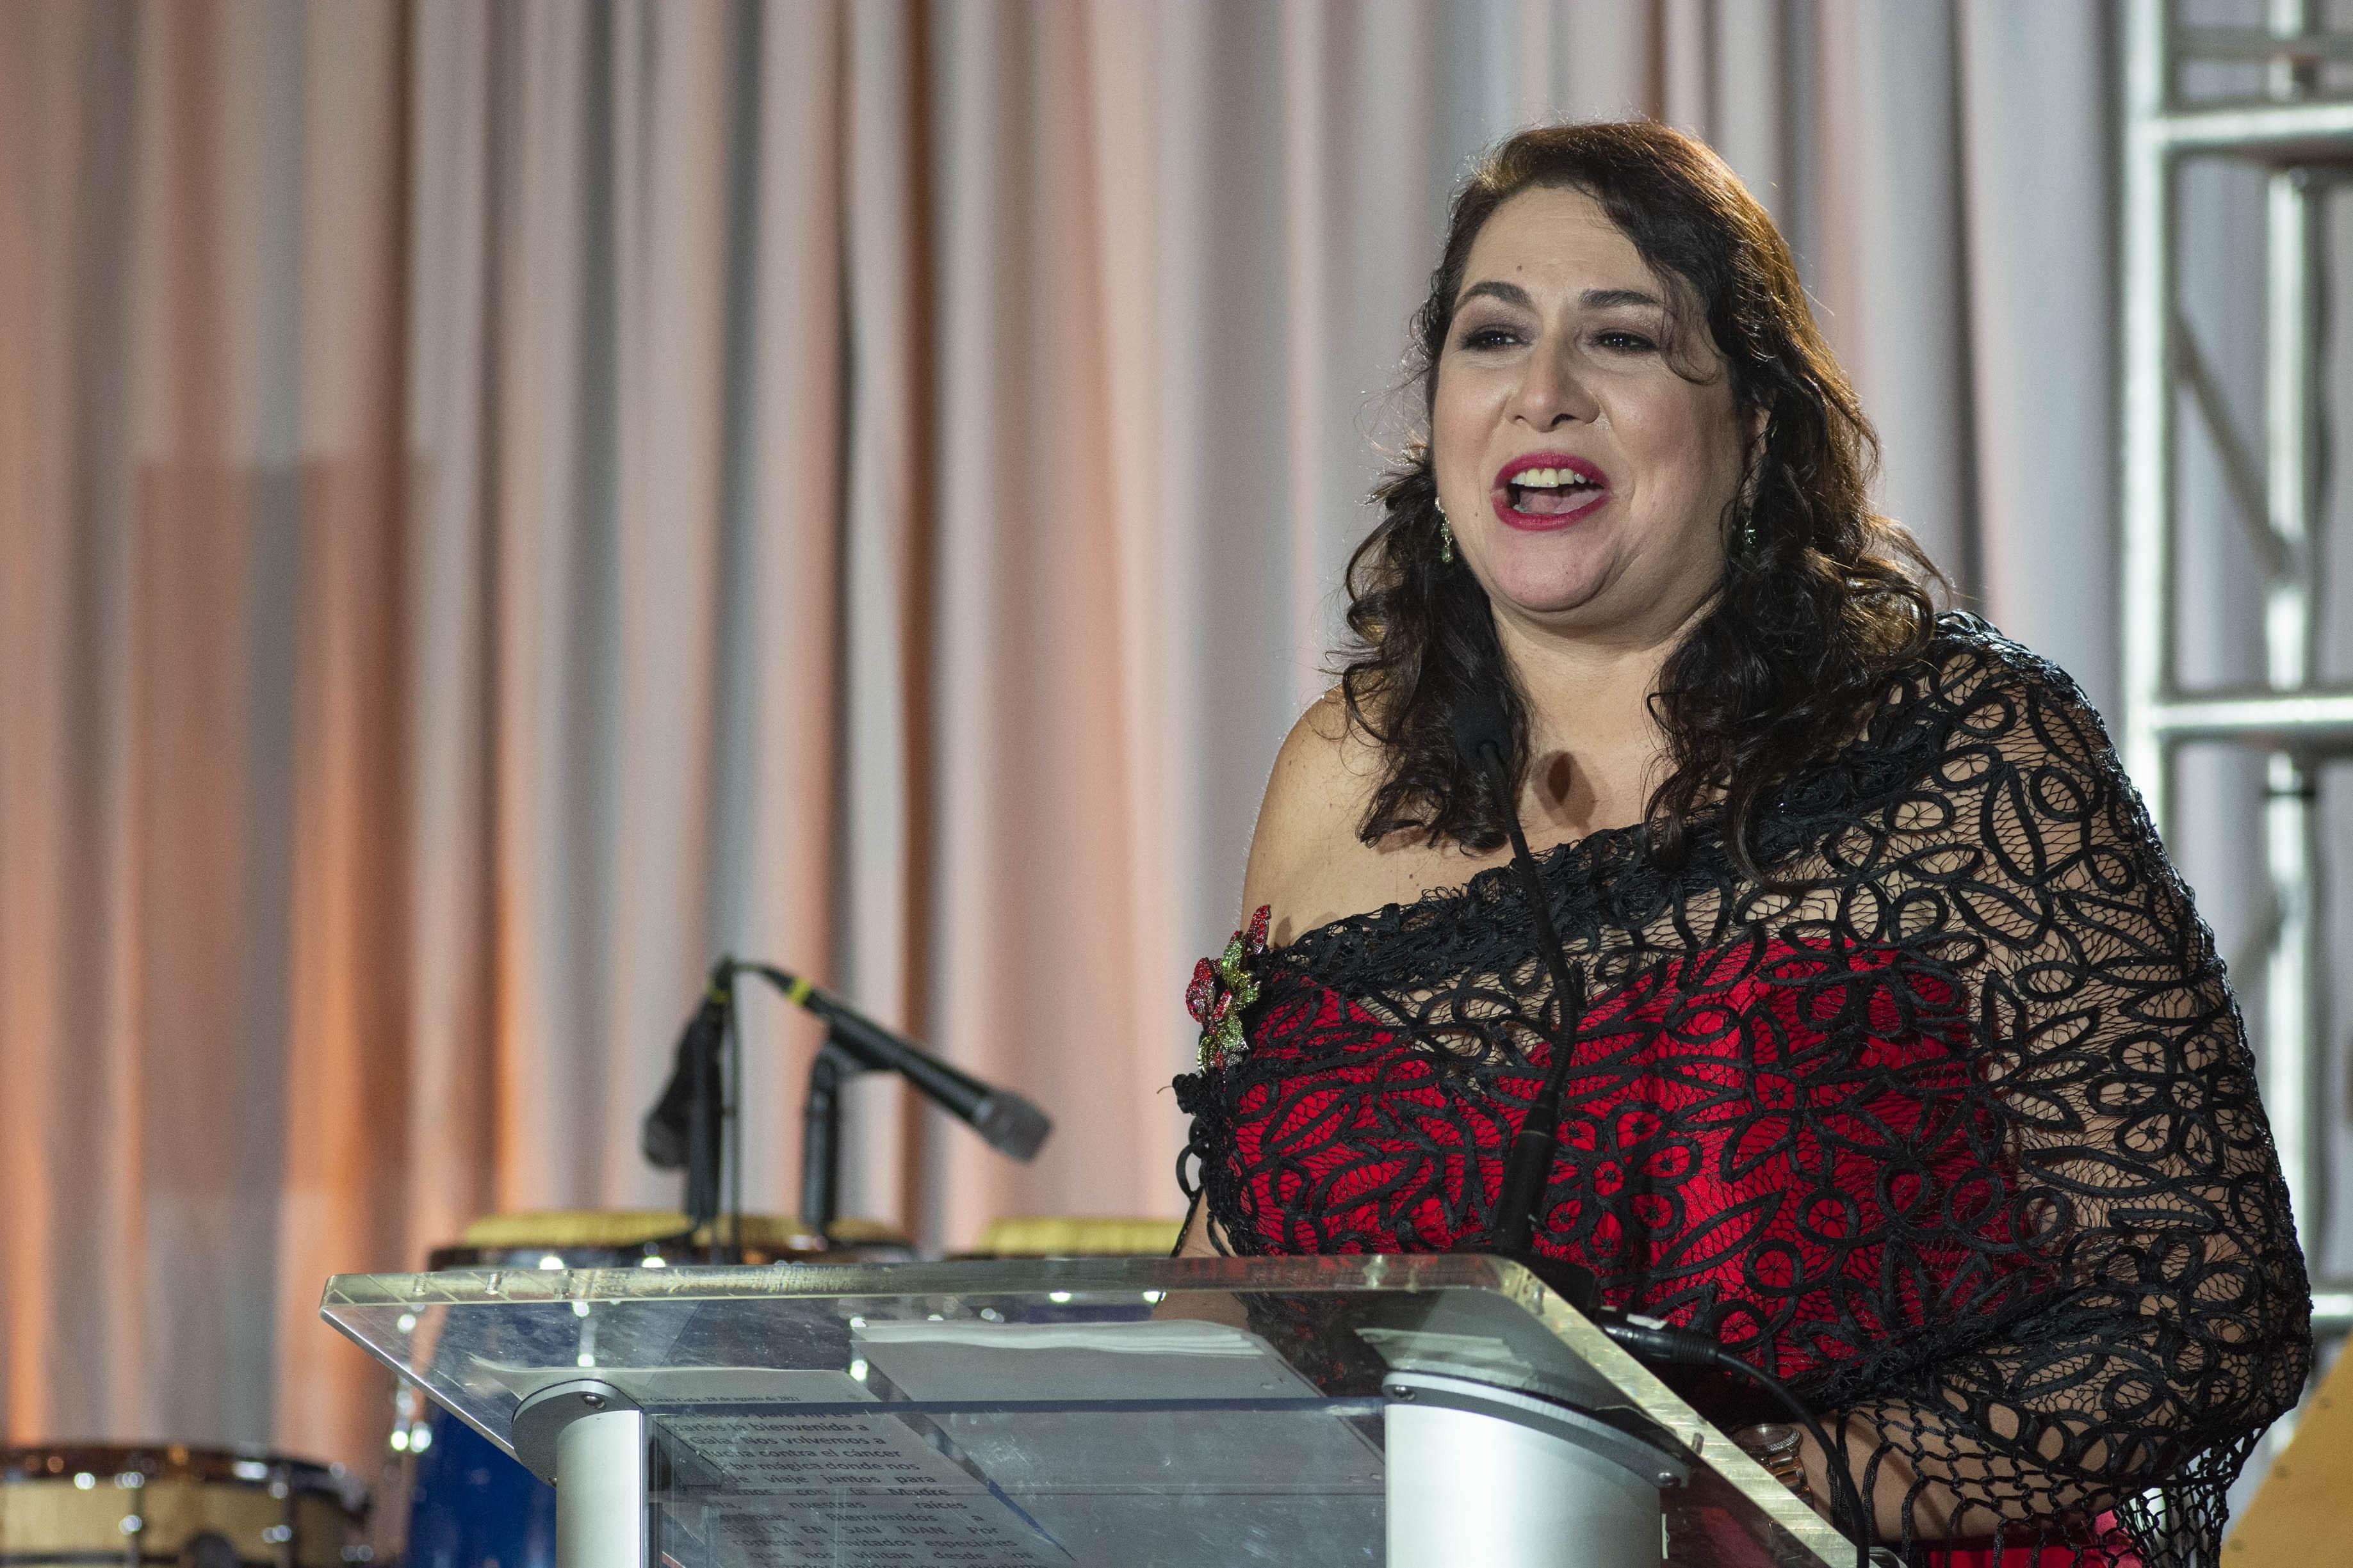 Dra. Lillian Santos, principal oficial ejecutiva de la Sociedad Americana Contra el Cáncer. (Suministrada)